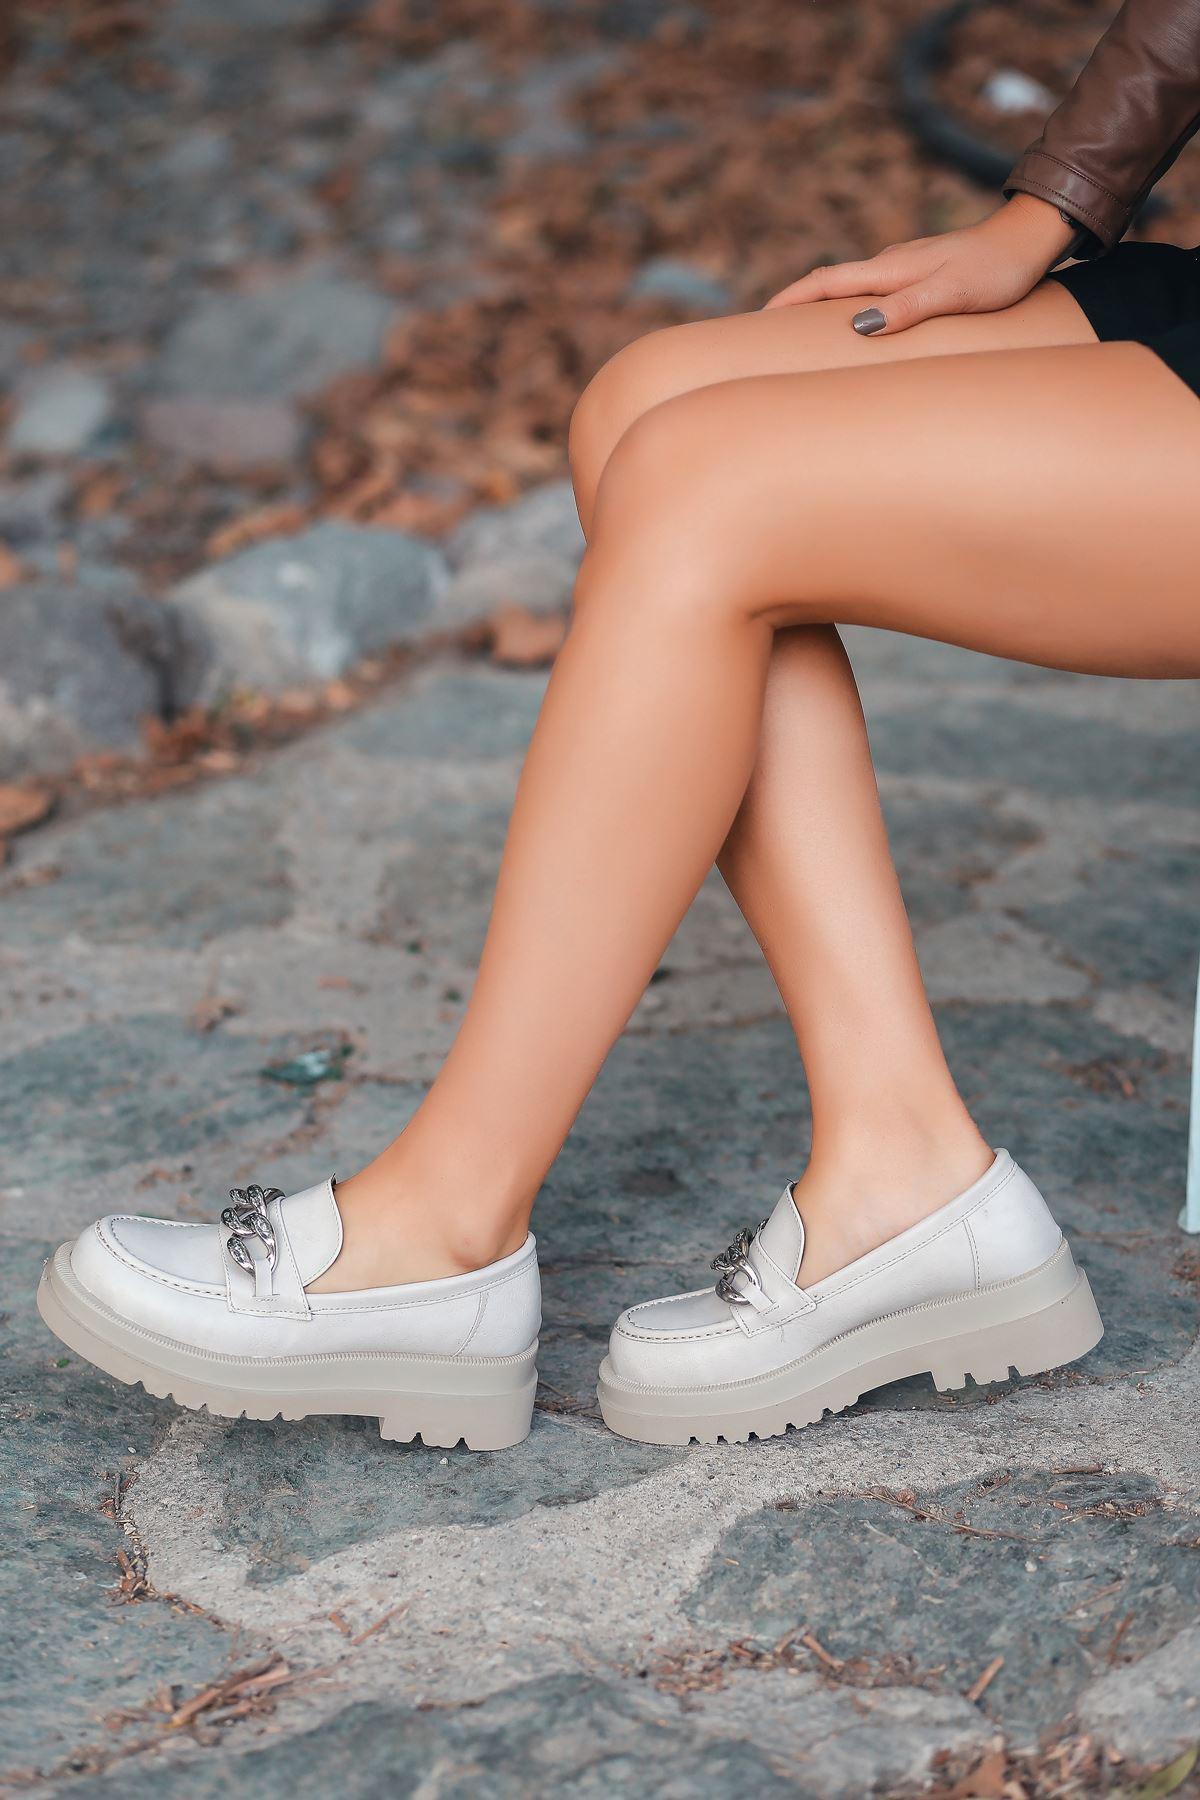 Apella Mat Deri Zincir Detay Kadın Ayakkabı Krem